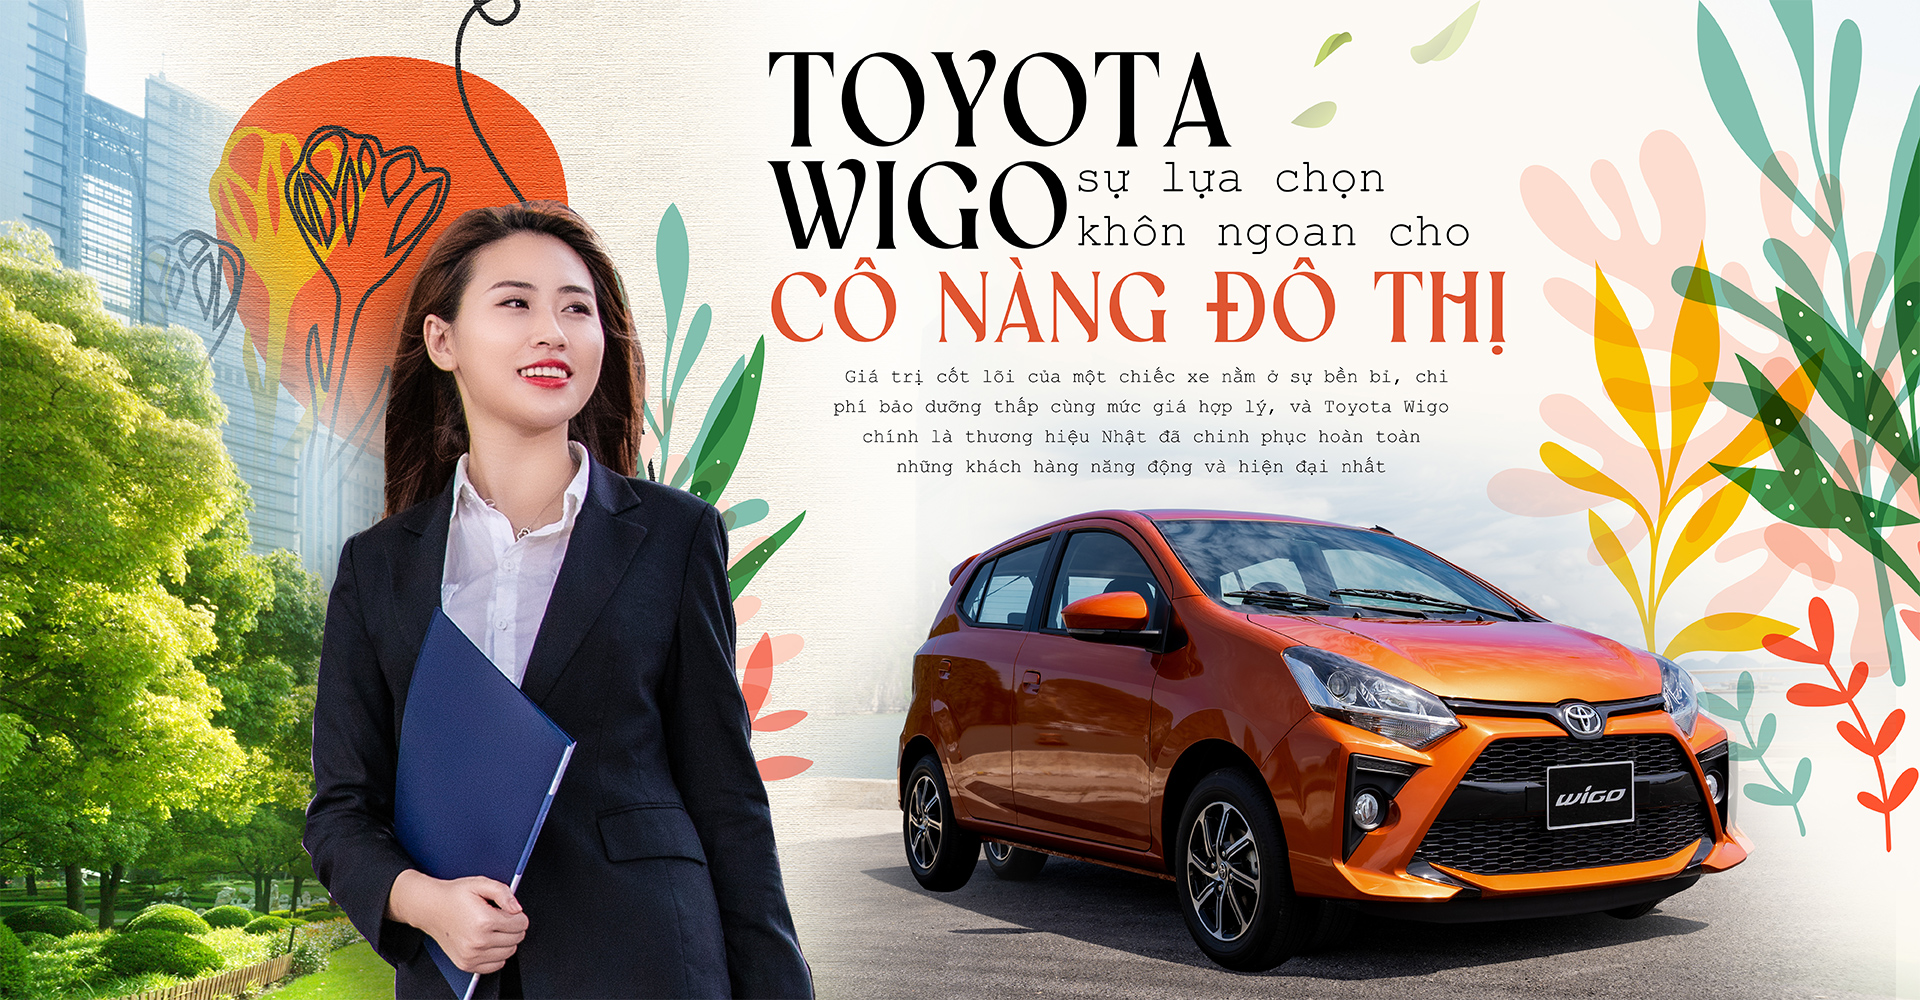 Toyota Wigo – sự lựa chọn khôn ngoan cho cô nàng đô thị - 1